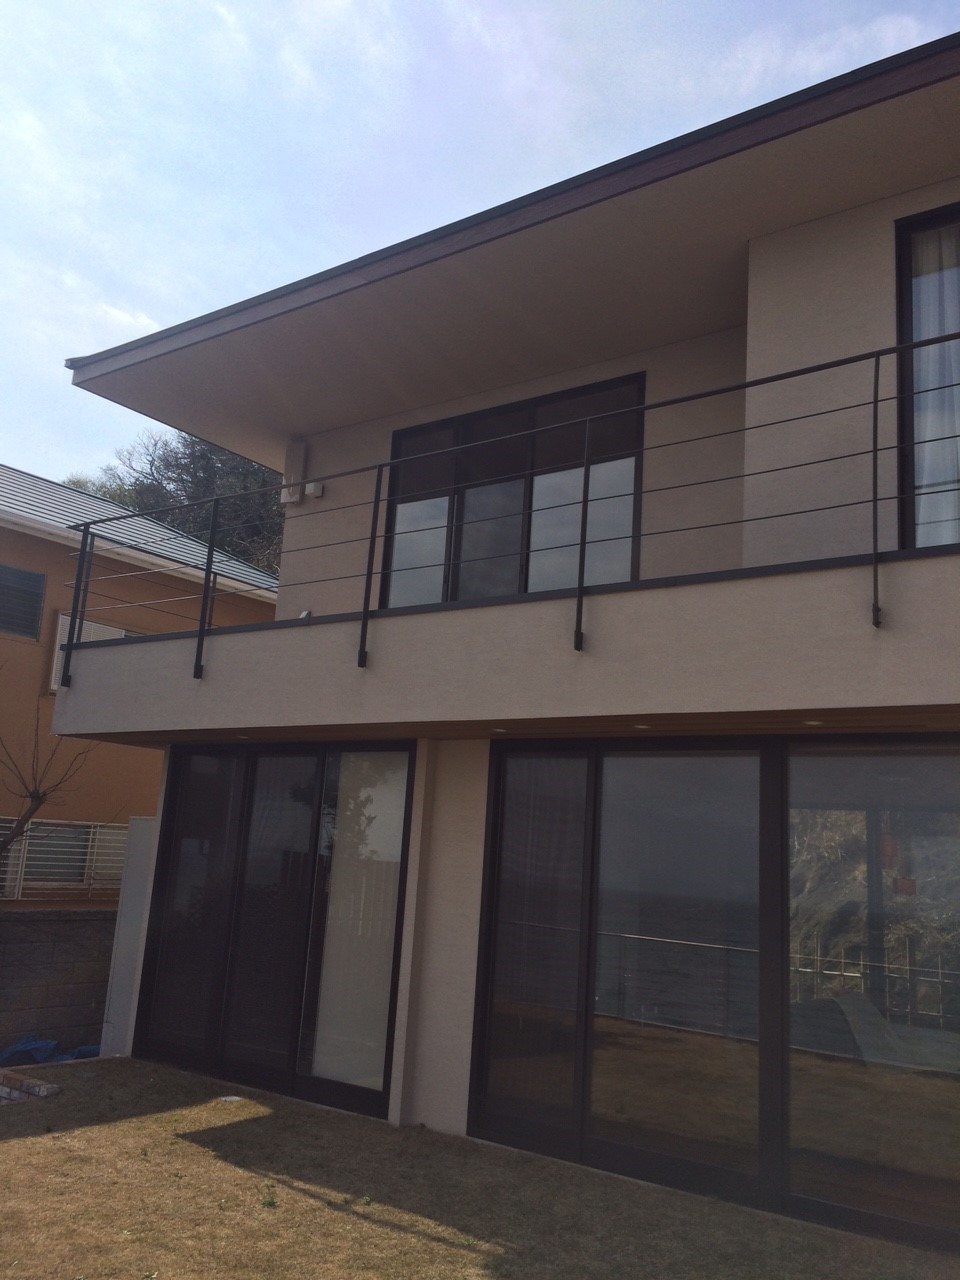 神奈川県三浦市のデザインアンテナ工事事例